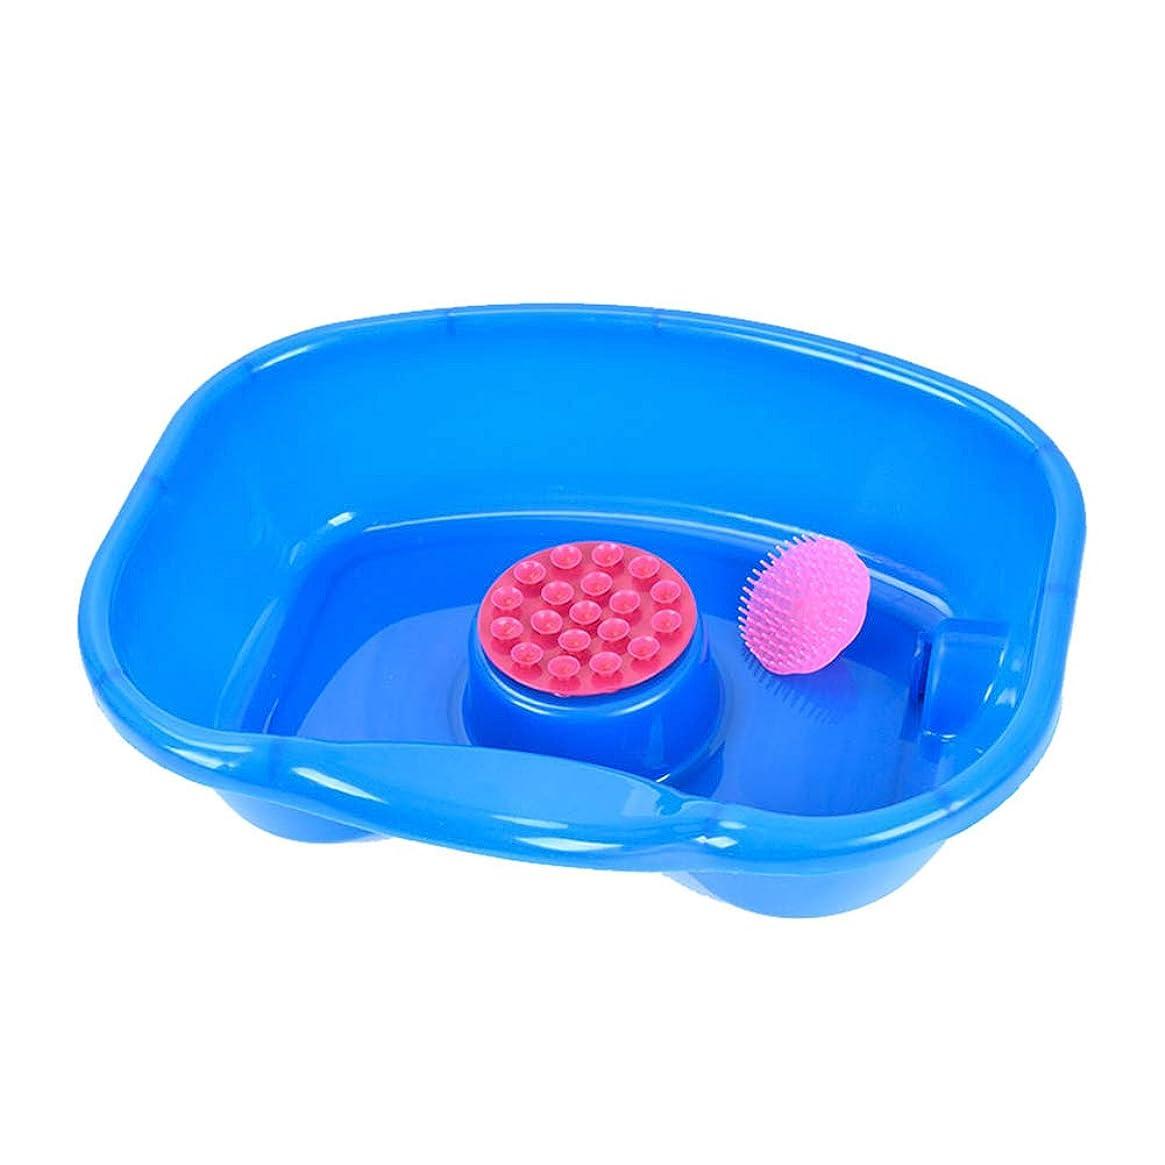 シャイニング本肝ベッドシャンプー洗面台所用洗面台トレイ医療用ベッドサイドシャワーシステム高齢者身体障害者妊娠中の女性